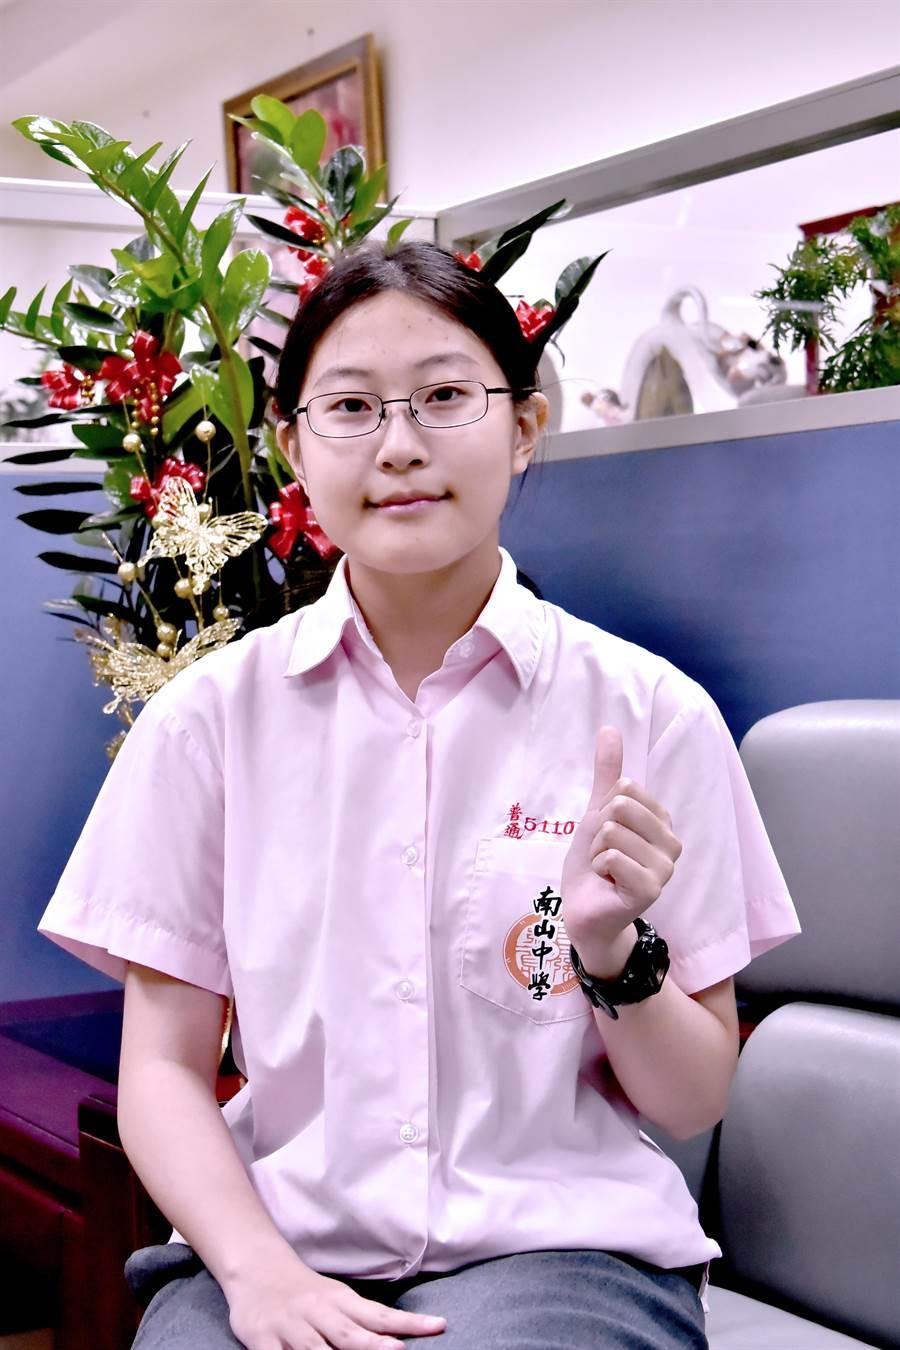 南山中學學生吳中薇學測75級分為新北市女狀元,繁星錄取台大醫學系。(葉書宏攝)